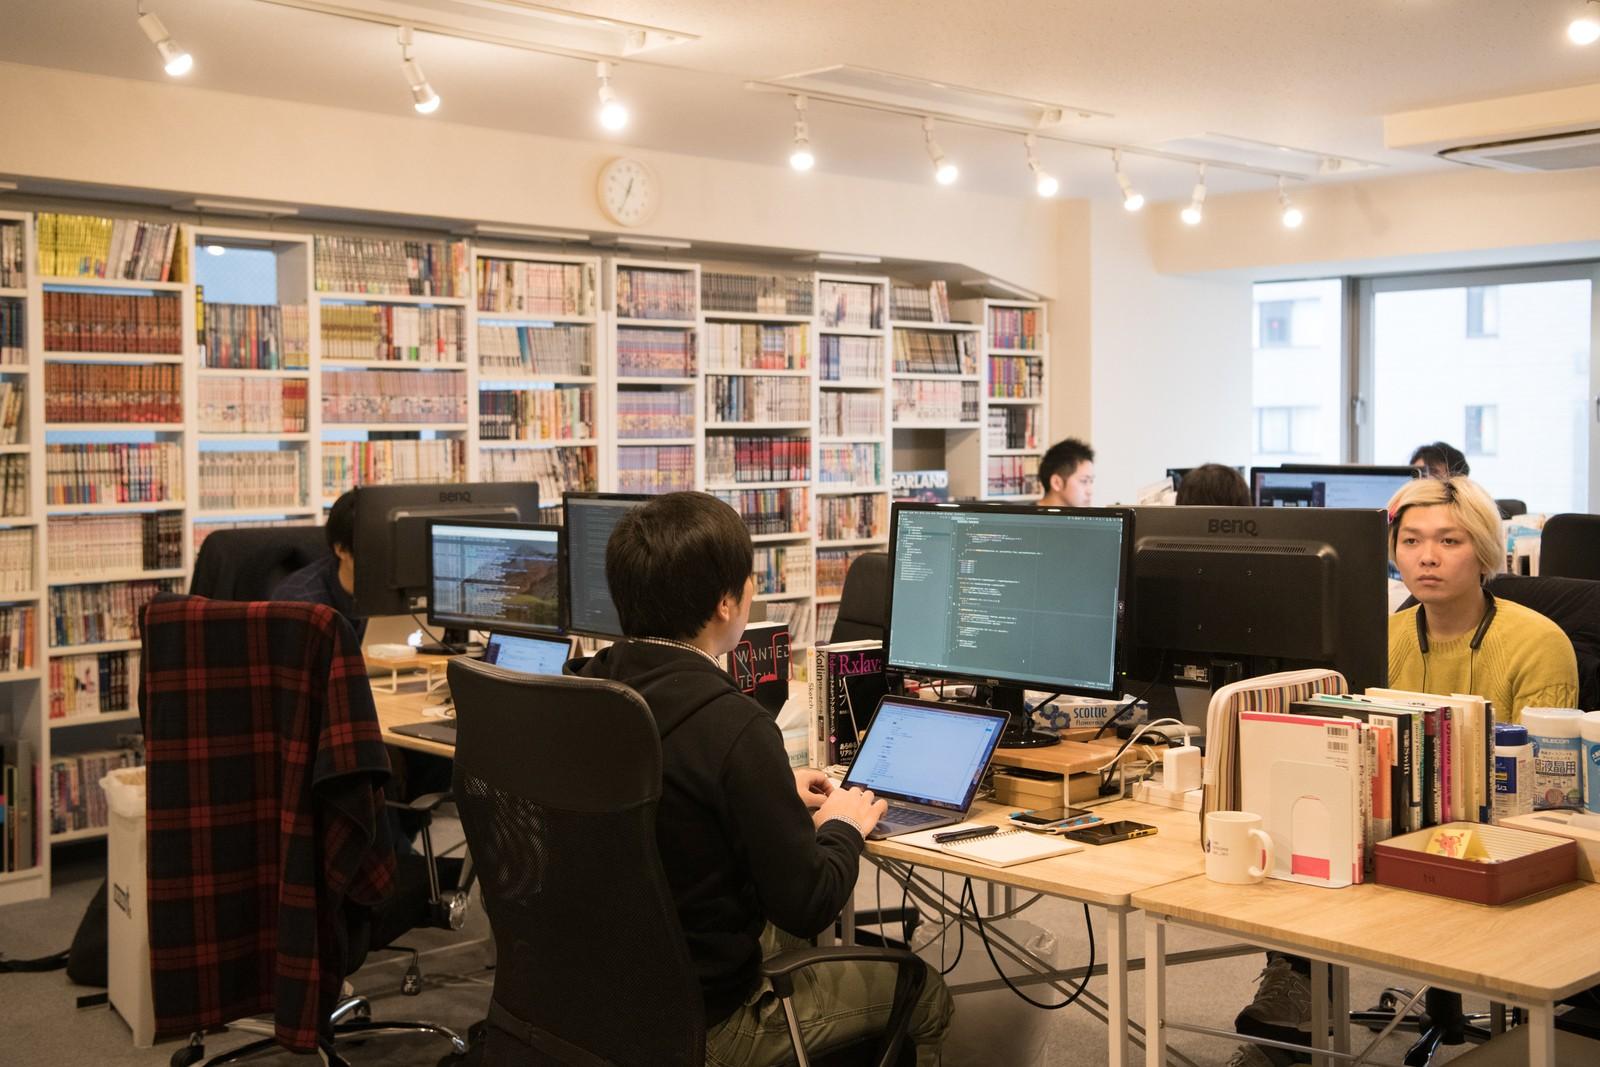 """日本最大級のオリジナルマンガ投稿サービス「マンガハック」に企画から関わり、""""多くのユーザーに使われるプロダクト開発力""""を発揮するRailsエンジニア募集!"""